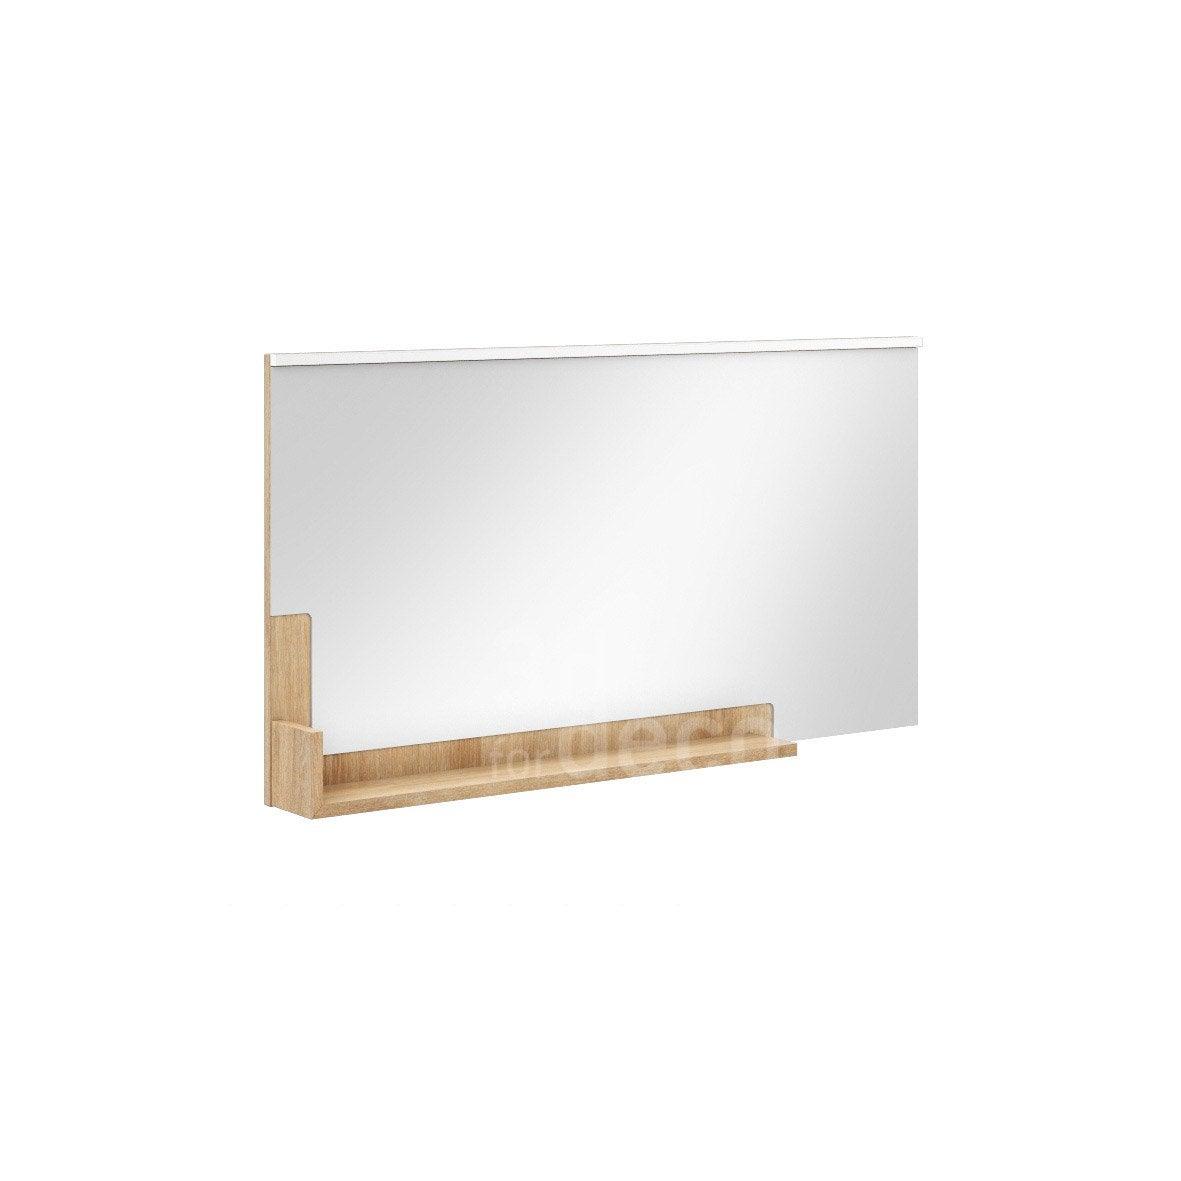 miroir avec eclairage integre l 120 cm eden Résultat Supérieur 16 Merveilleux Miroir Avec Eclairage Integre Photographie 2017 Kdh6